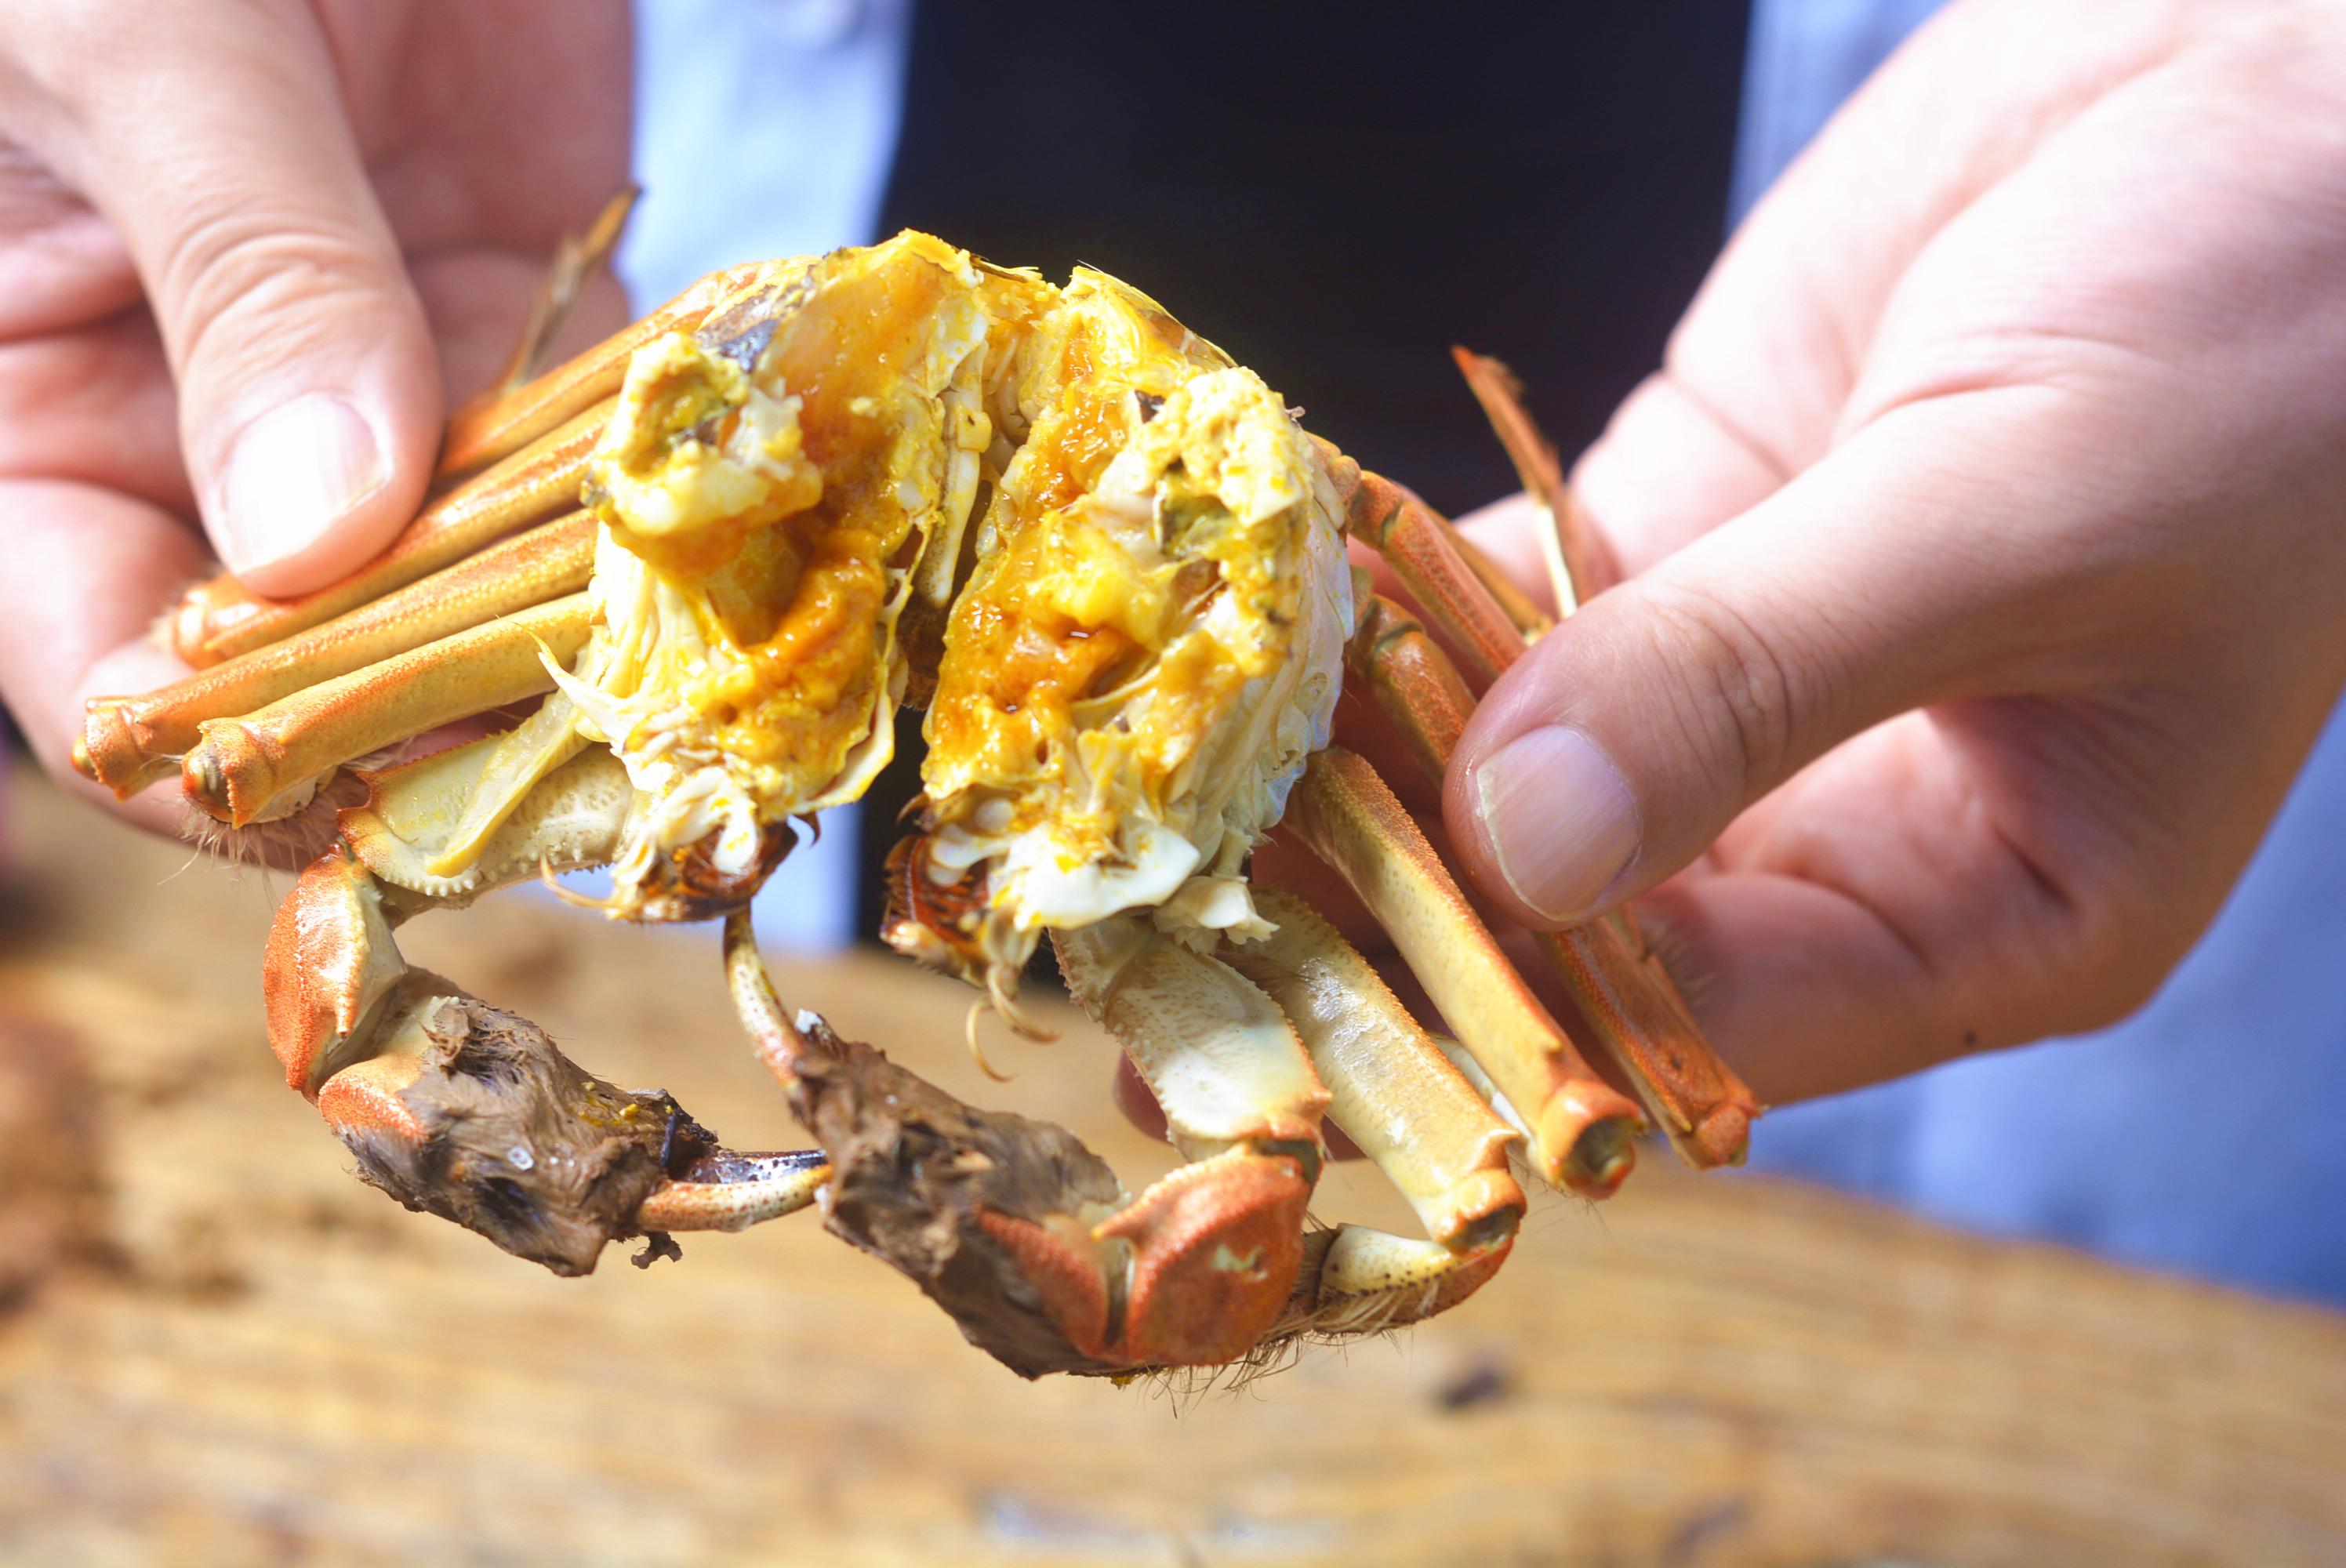 秋天螃蟹肥,教你7種螃蟹吃法,一星期每天不重樣,做法還簡單